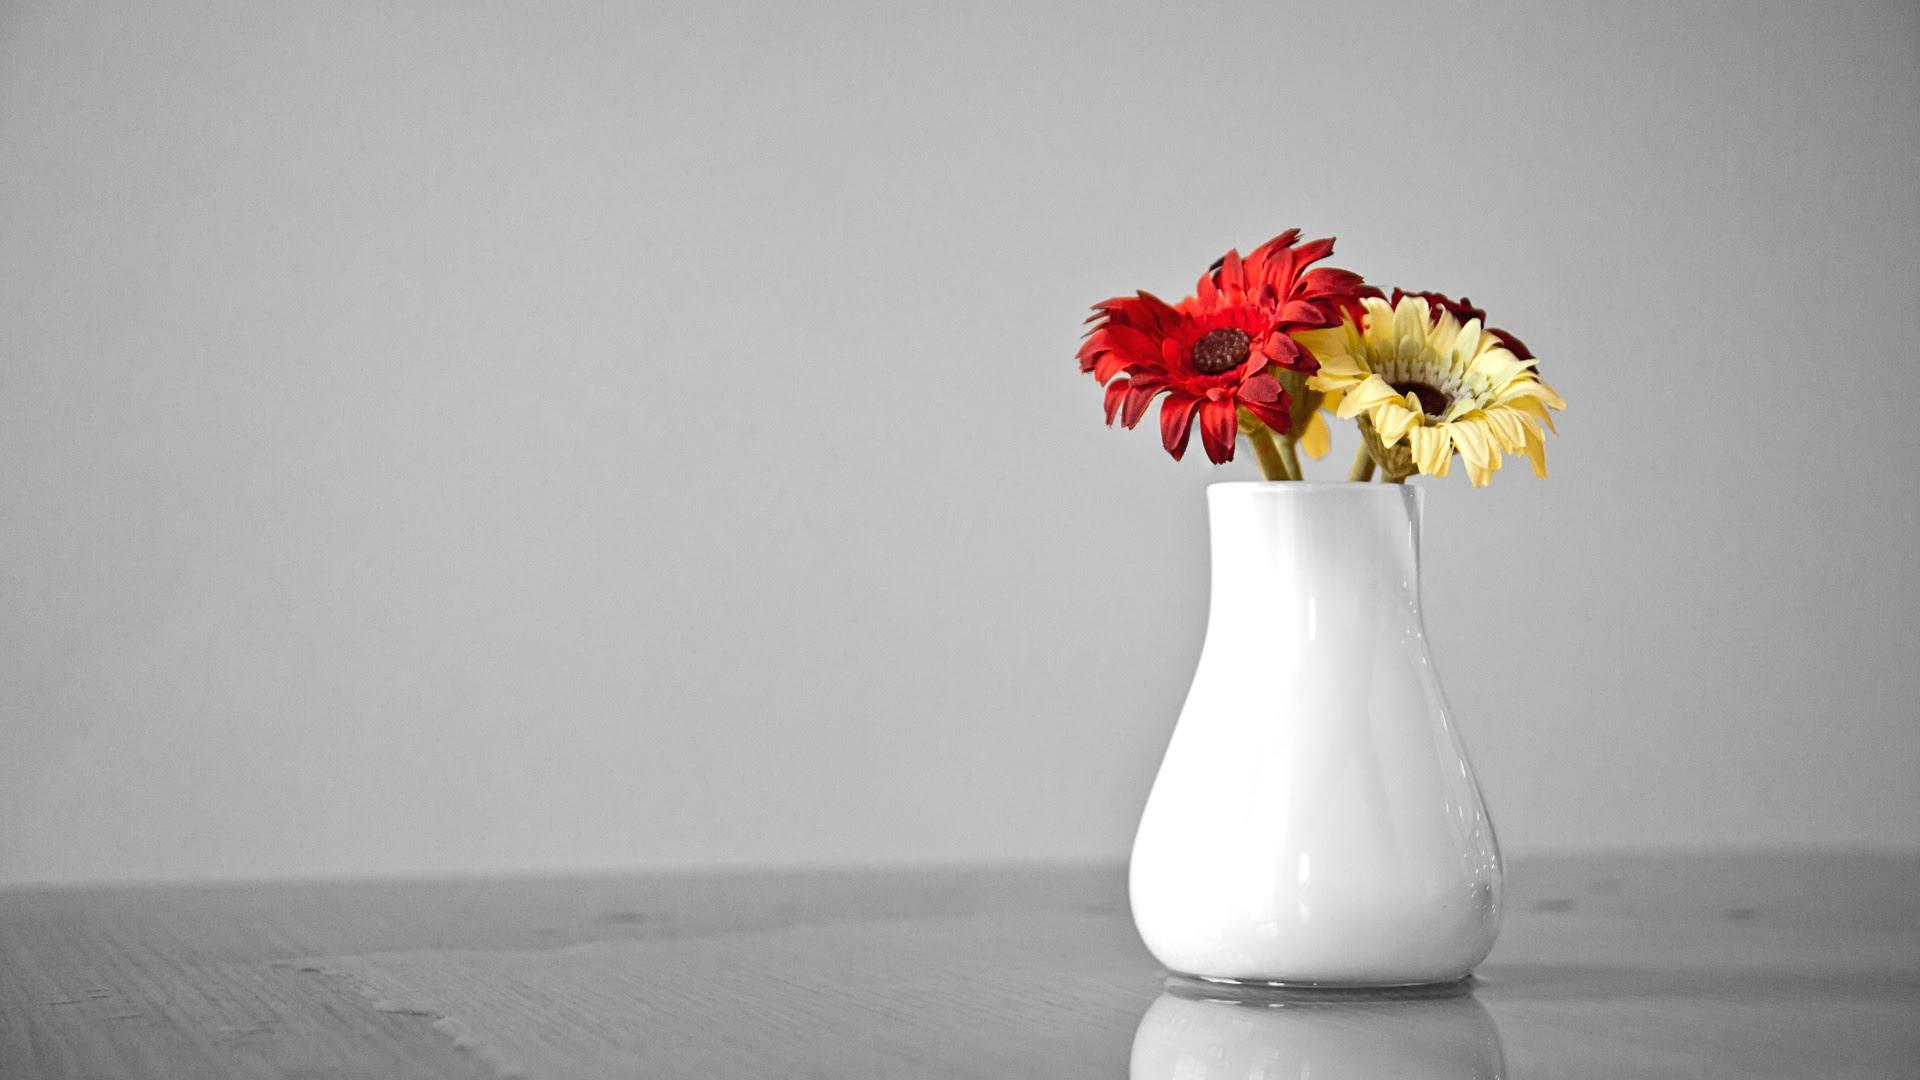 Flower Pot Wallpaper 1920x1080 22915